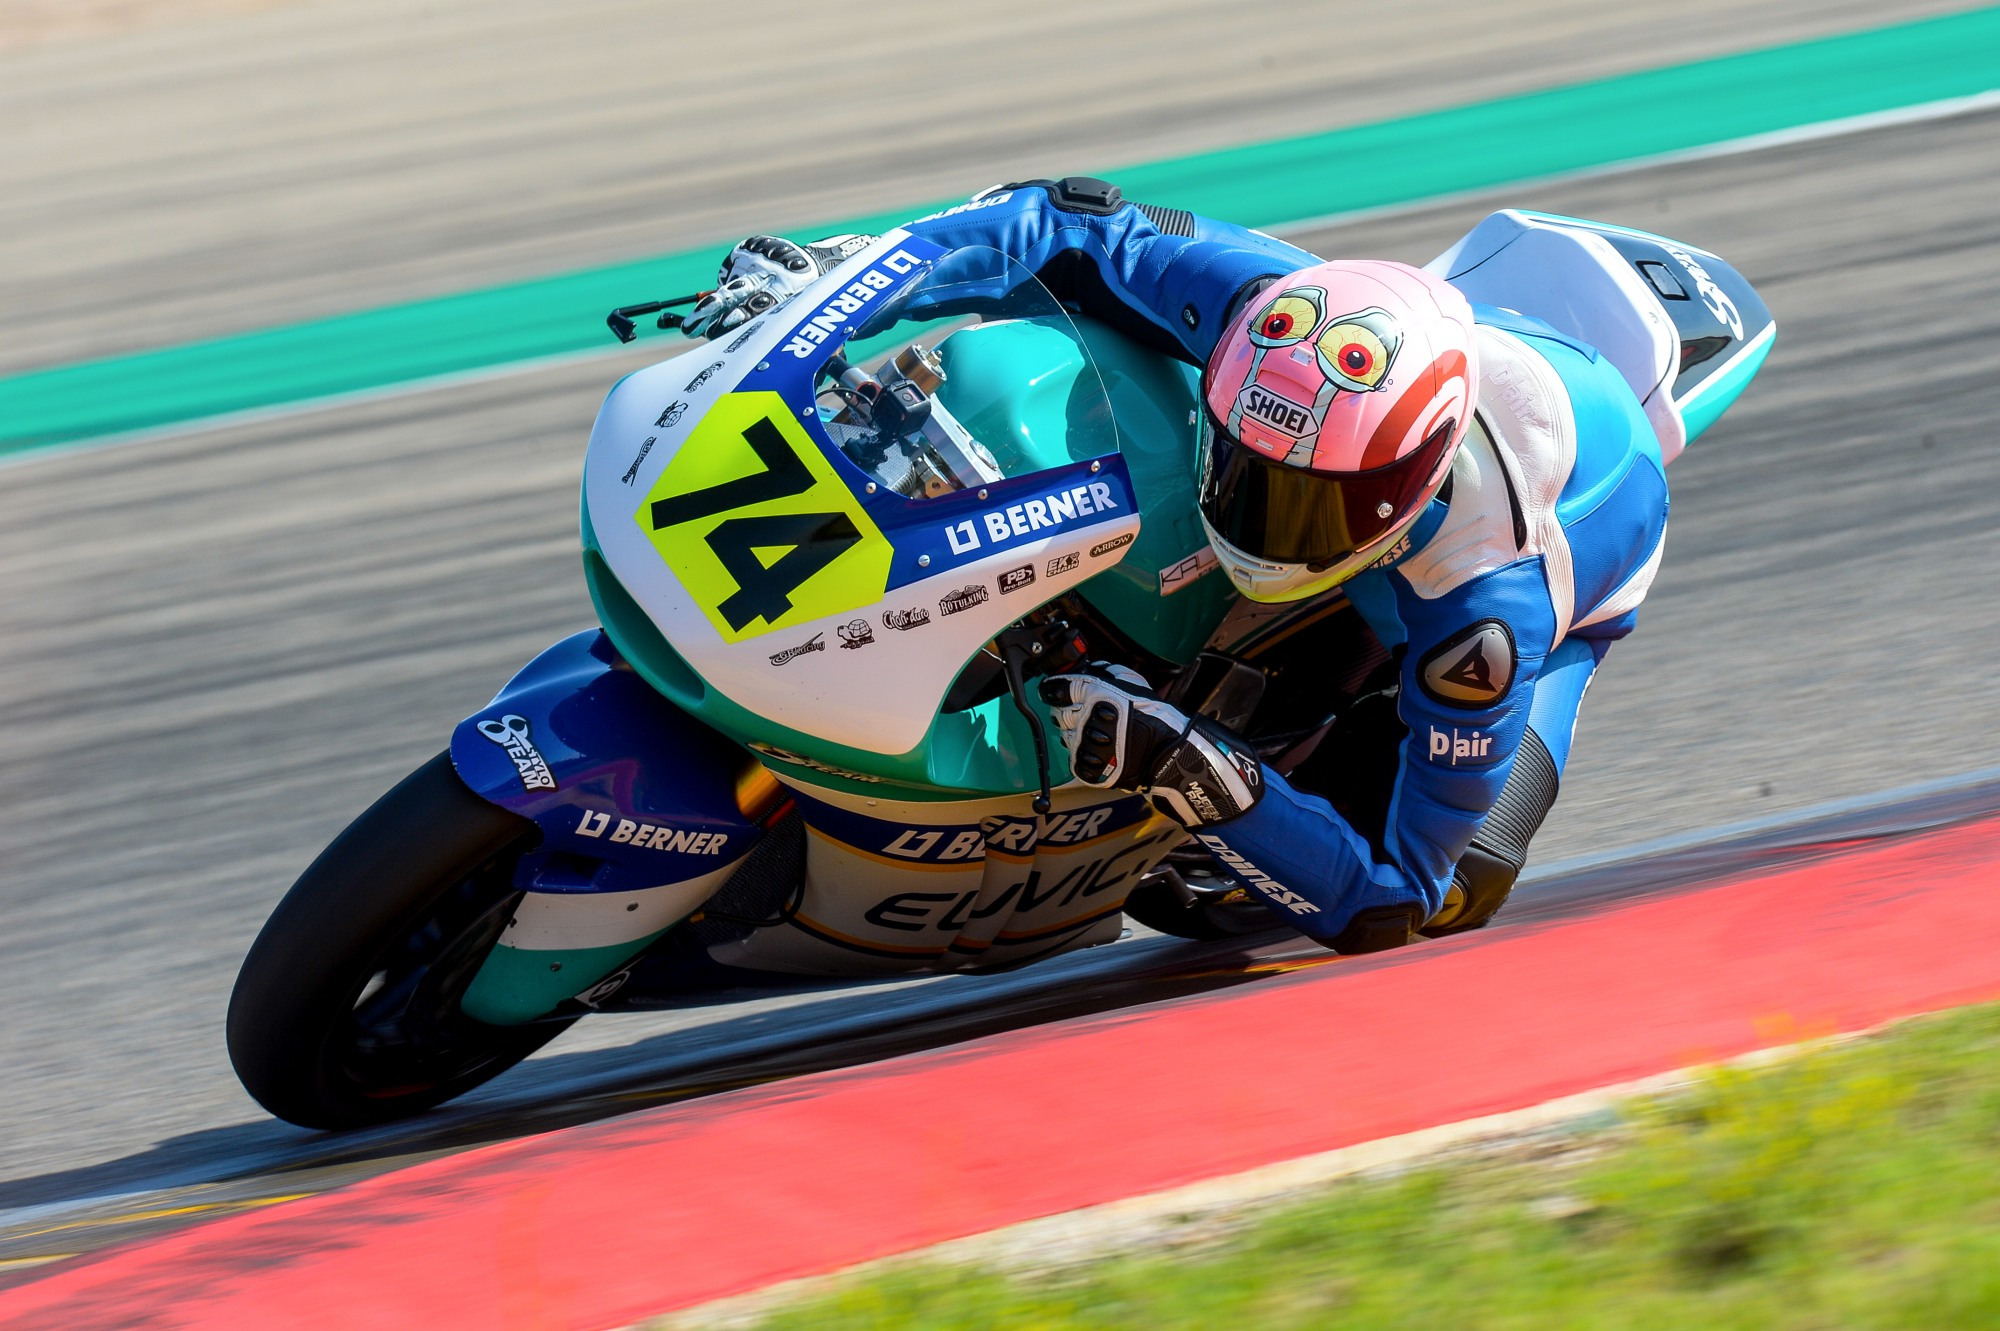 Piotr Biesiekirski ponownie w motocyklowych ME Moto2